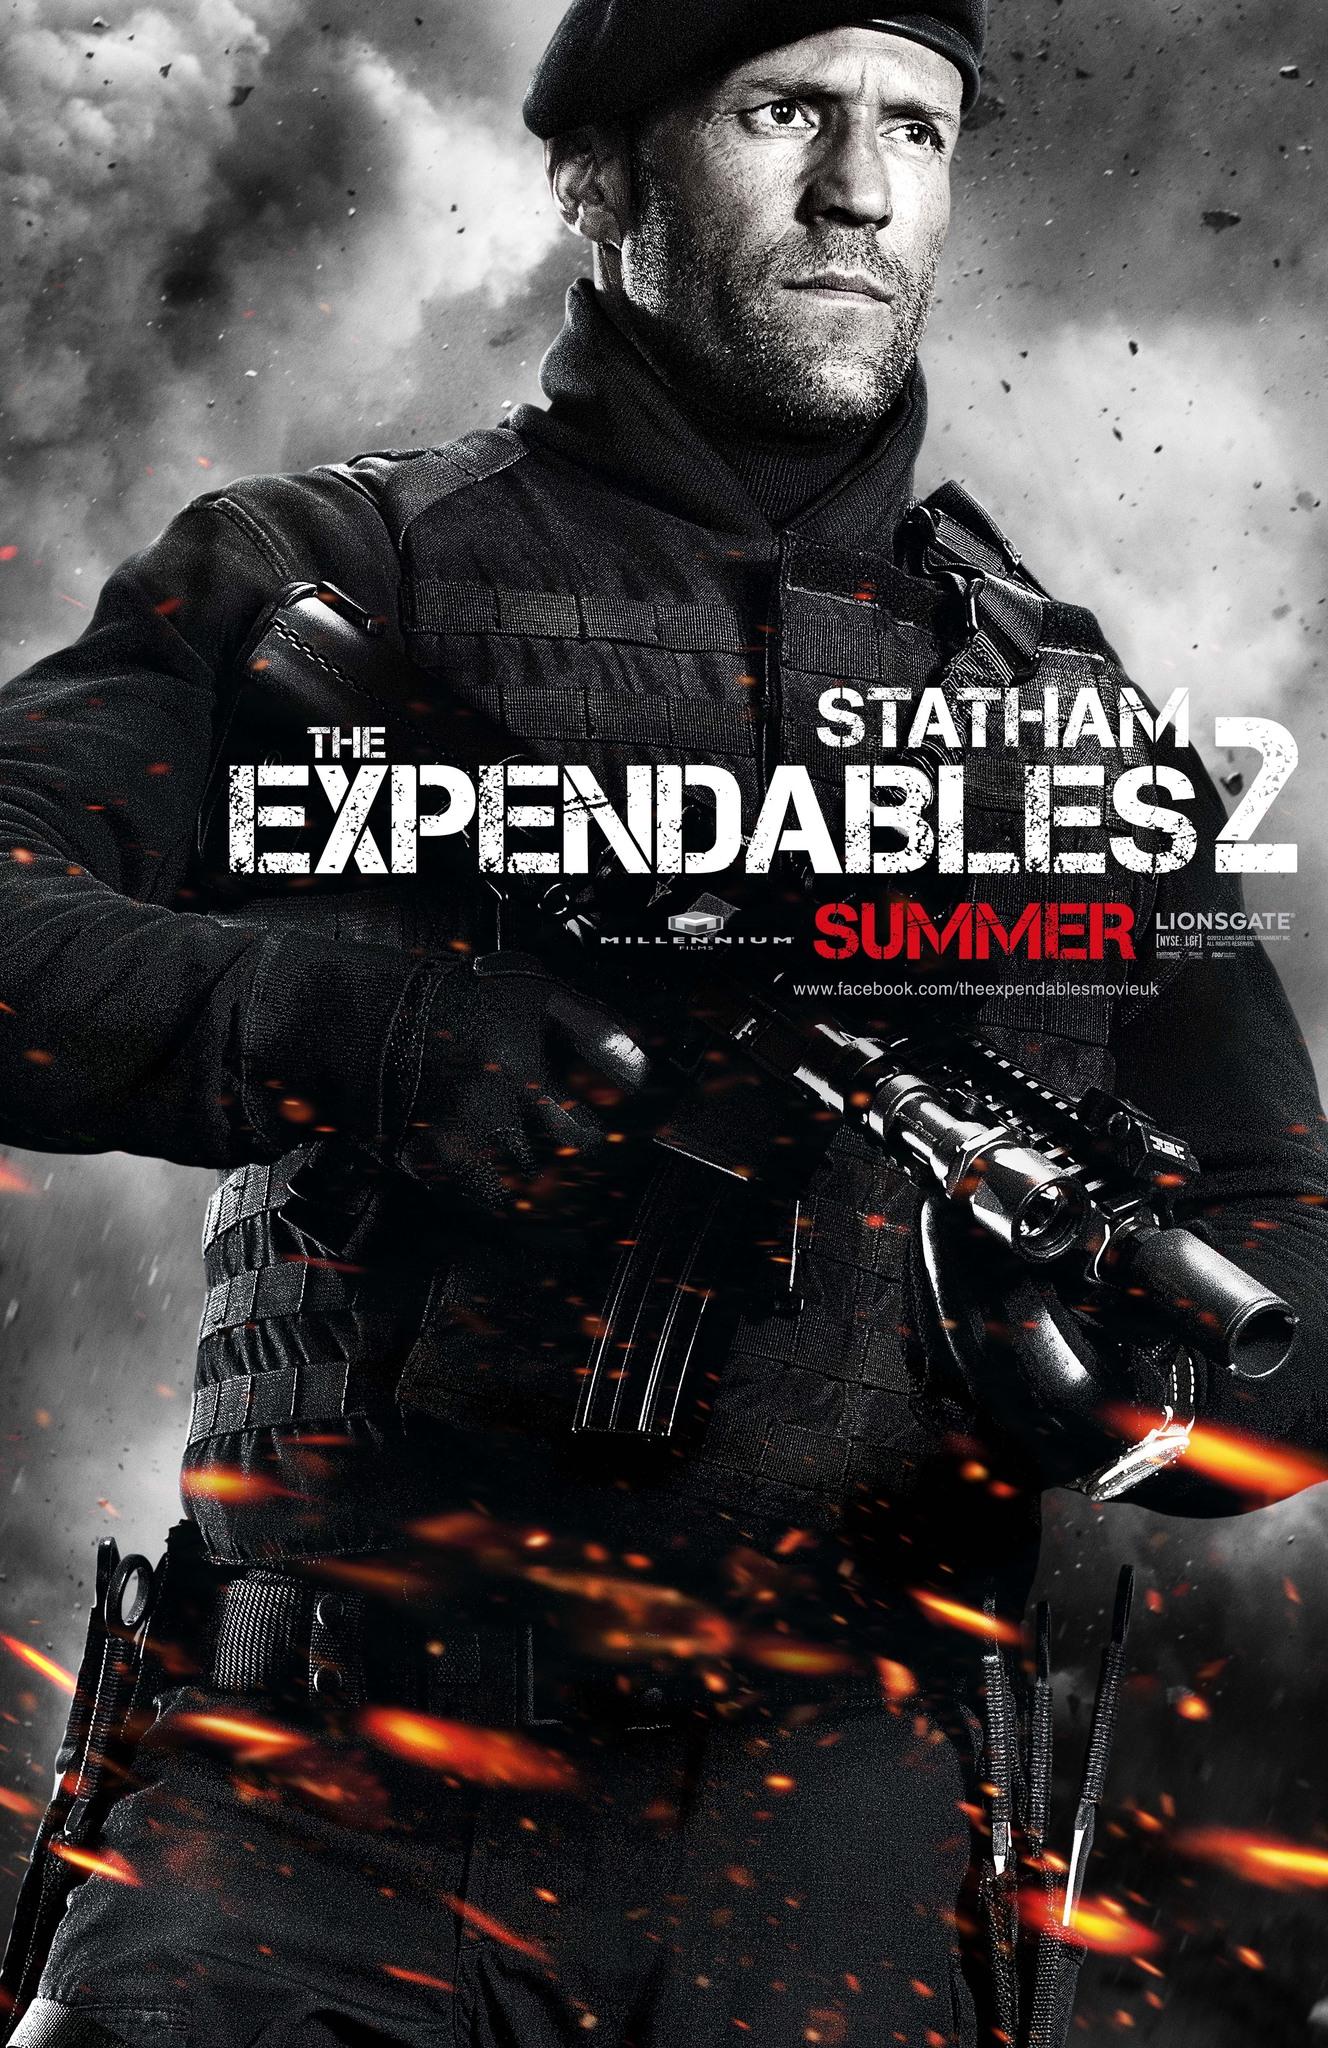 expendables 4 cast